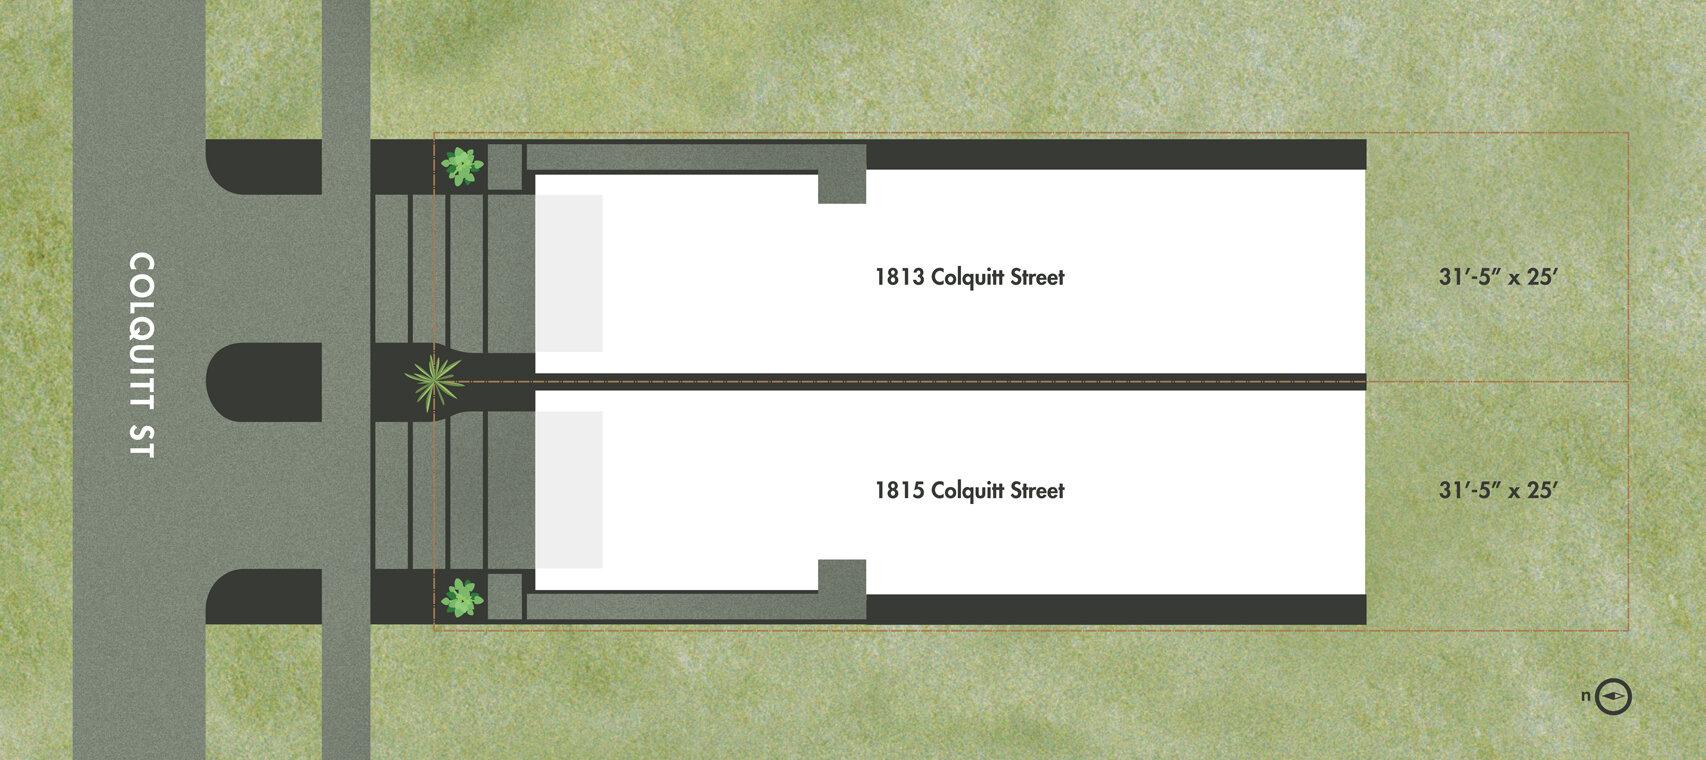 1813-1815_Colquitt_Stpn_LBD.jpg